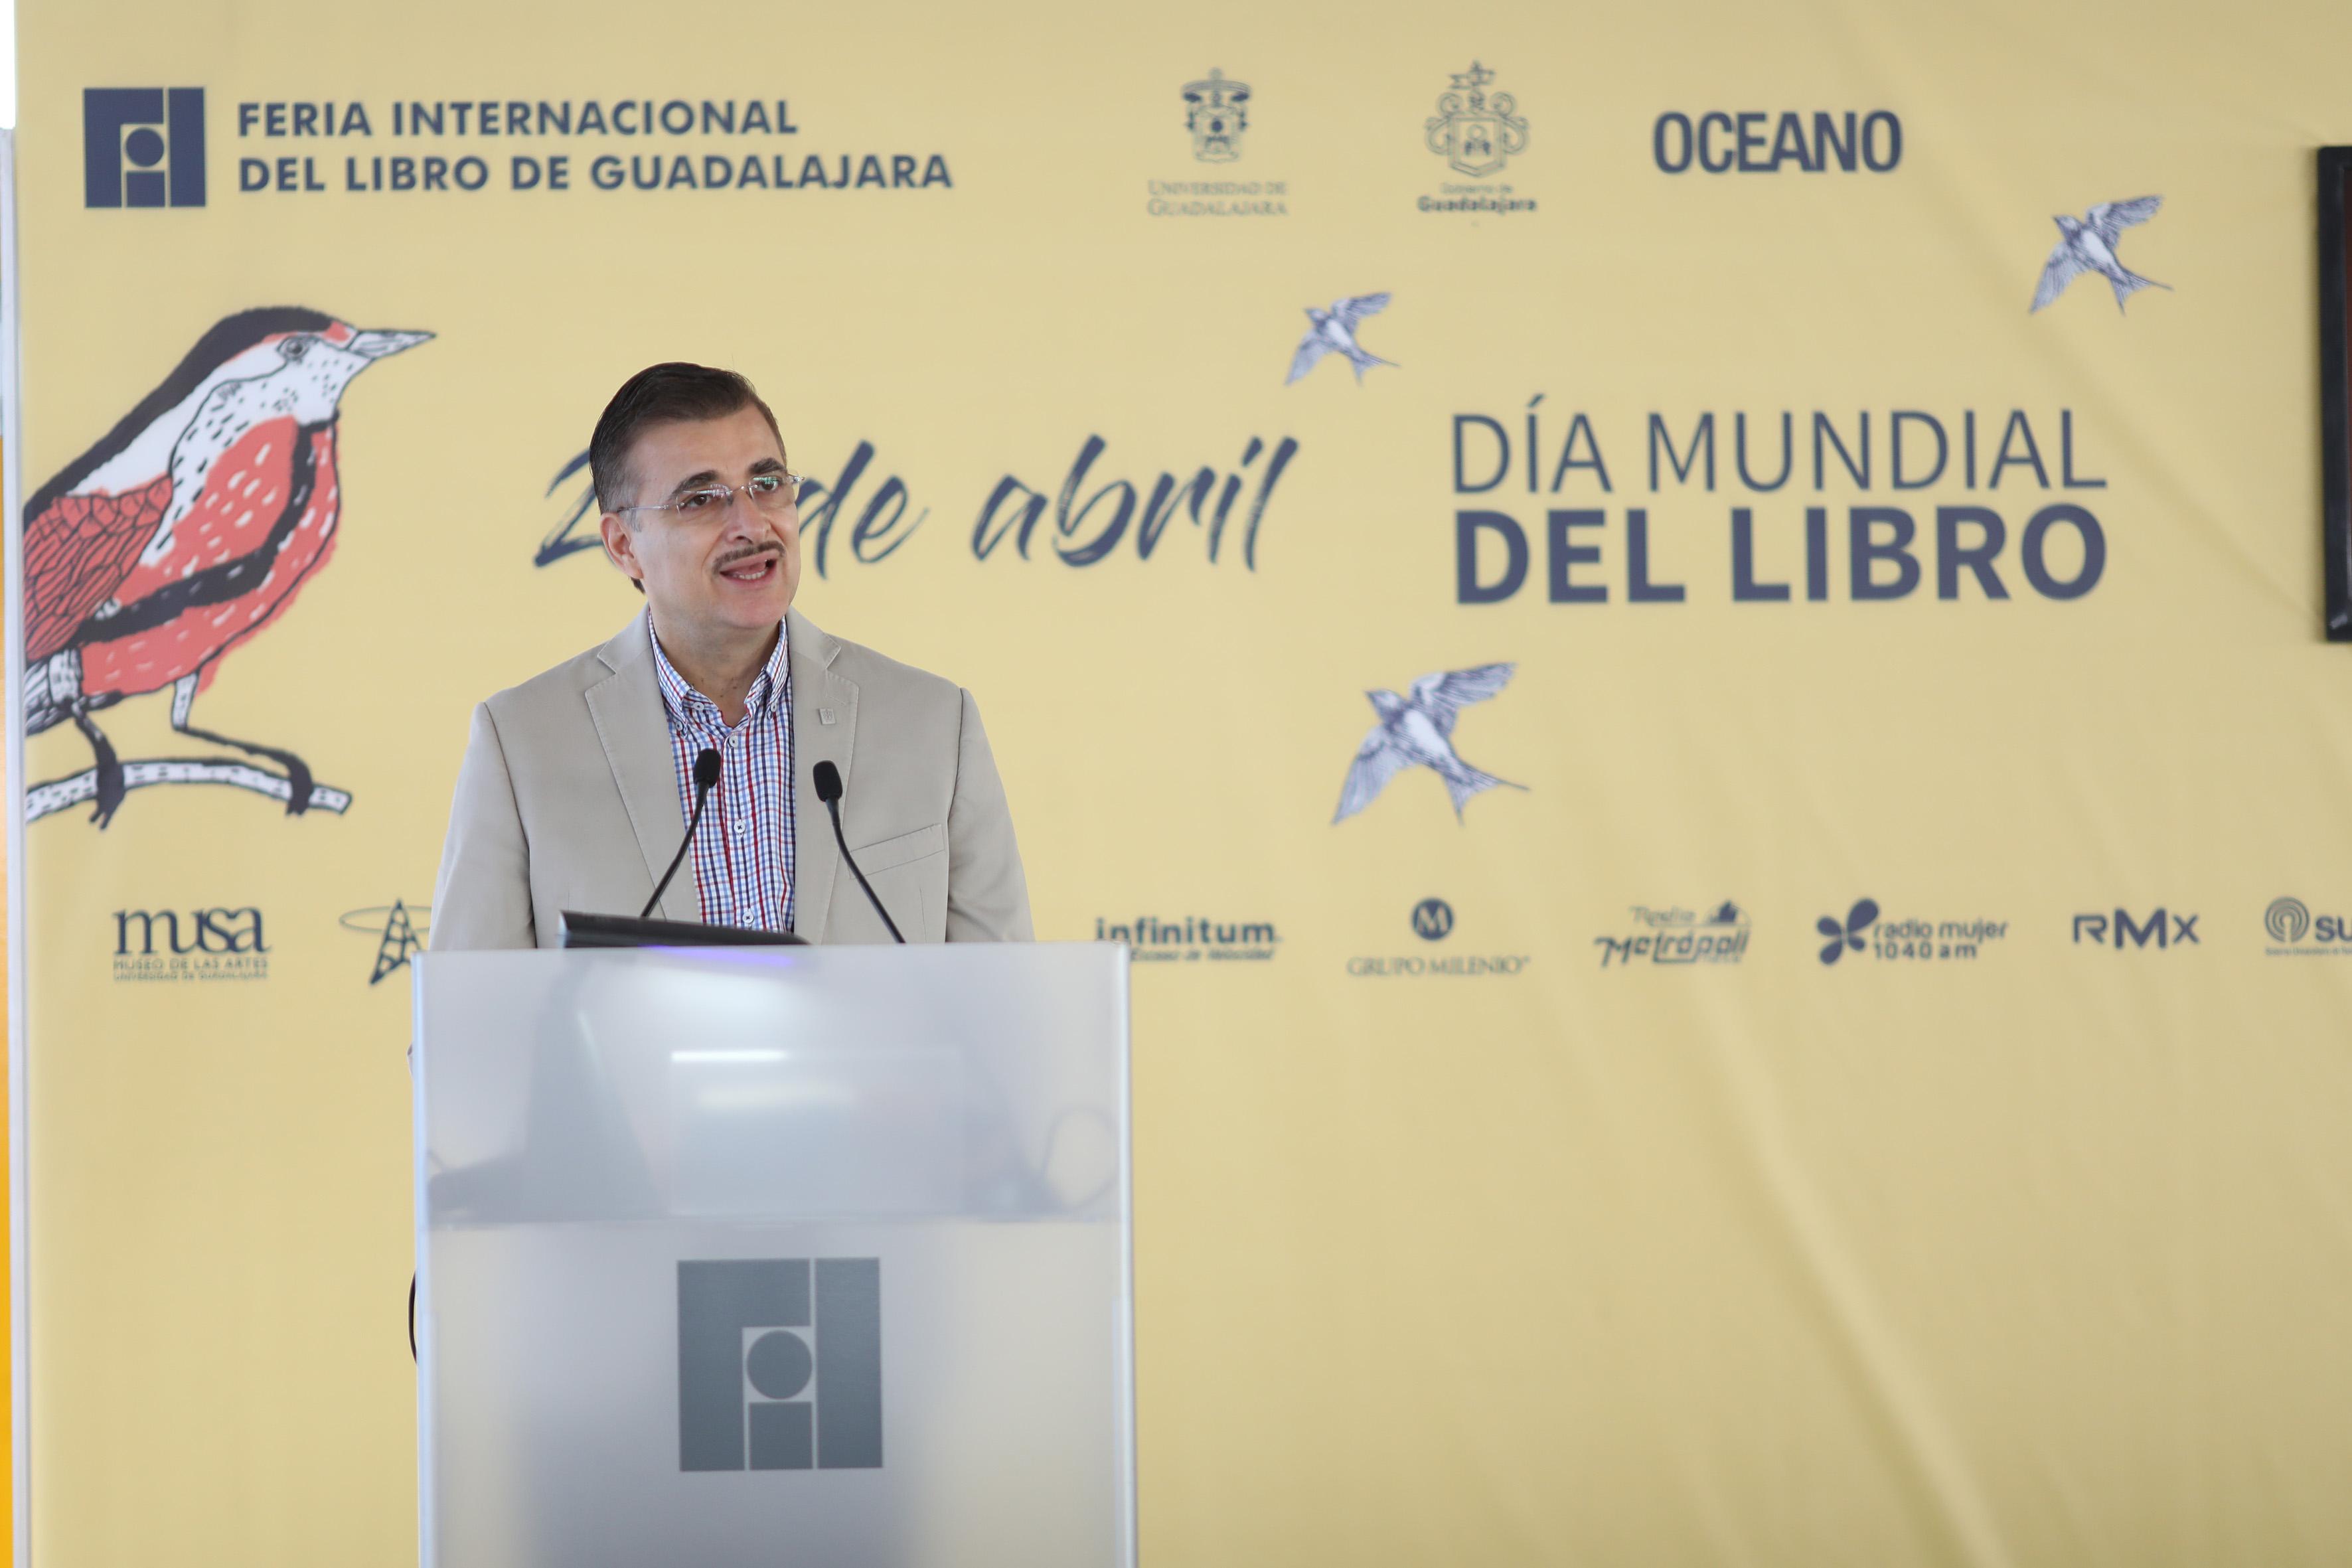 Rector General de la Universidad de Guadalajara, maestro Itzcóatl Tonatiuh Bravo Padilla, en podium instaladao en el evento, haciendo uso de la palabra.